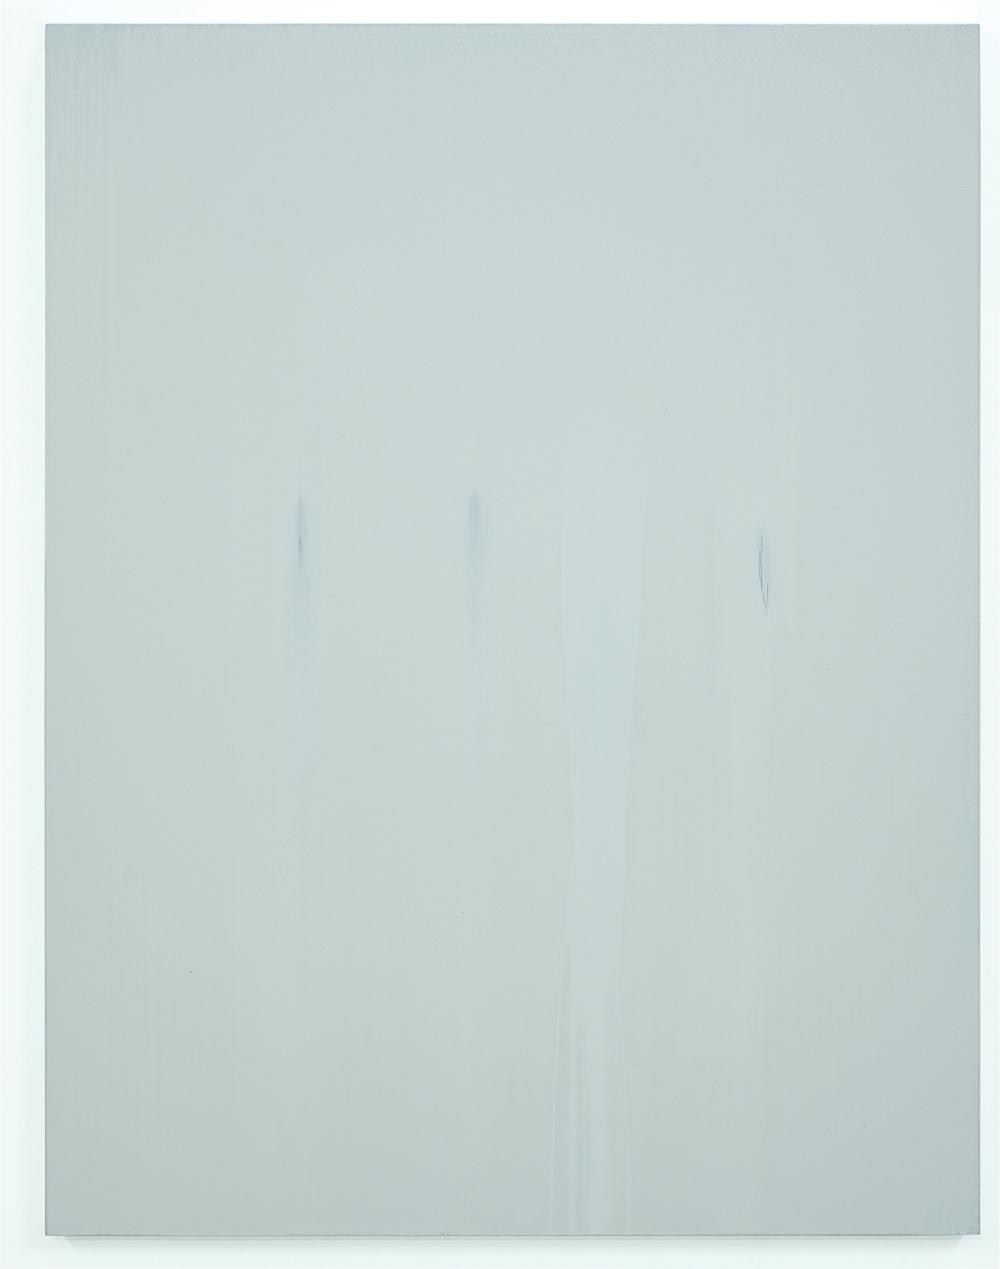 Luke HENG White on Blue 2015 Oil on linen H150 x W115 xD5 cm